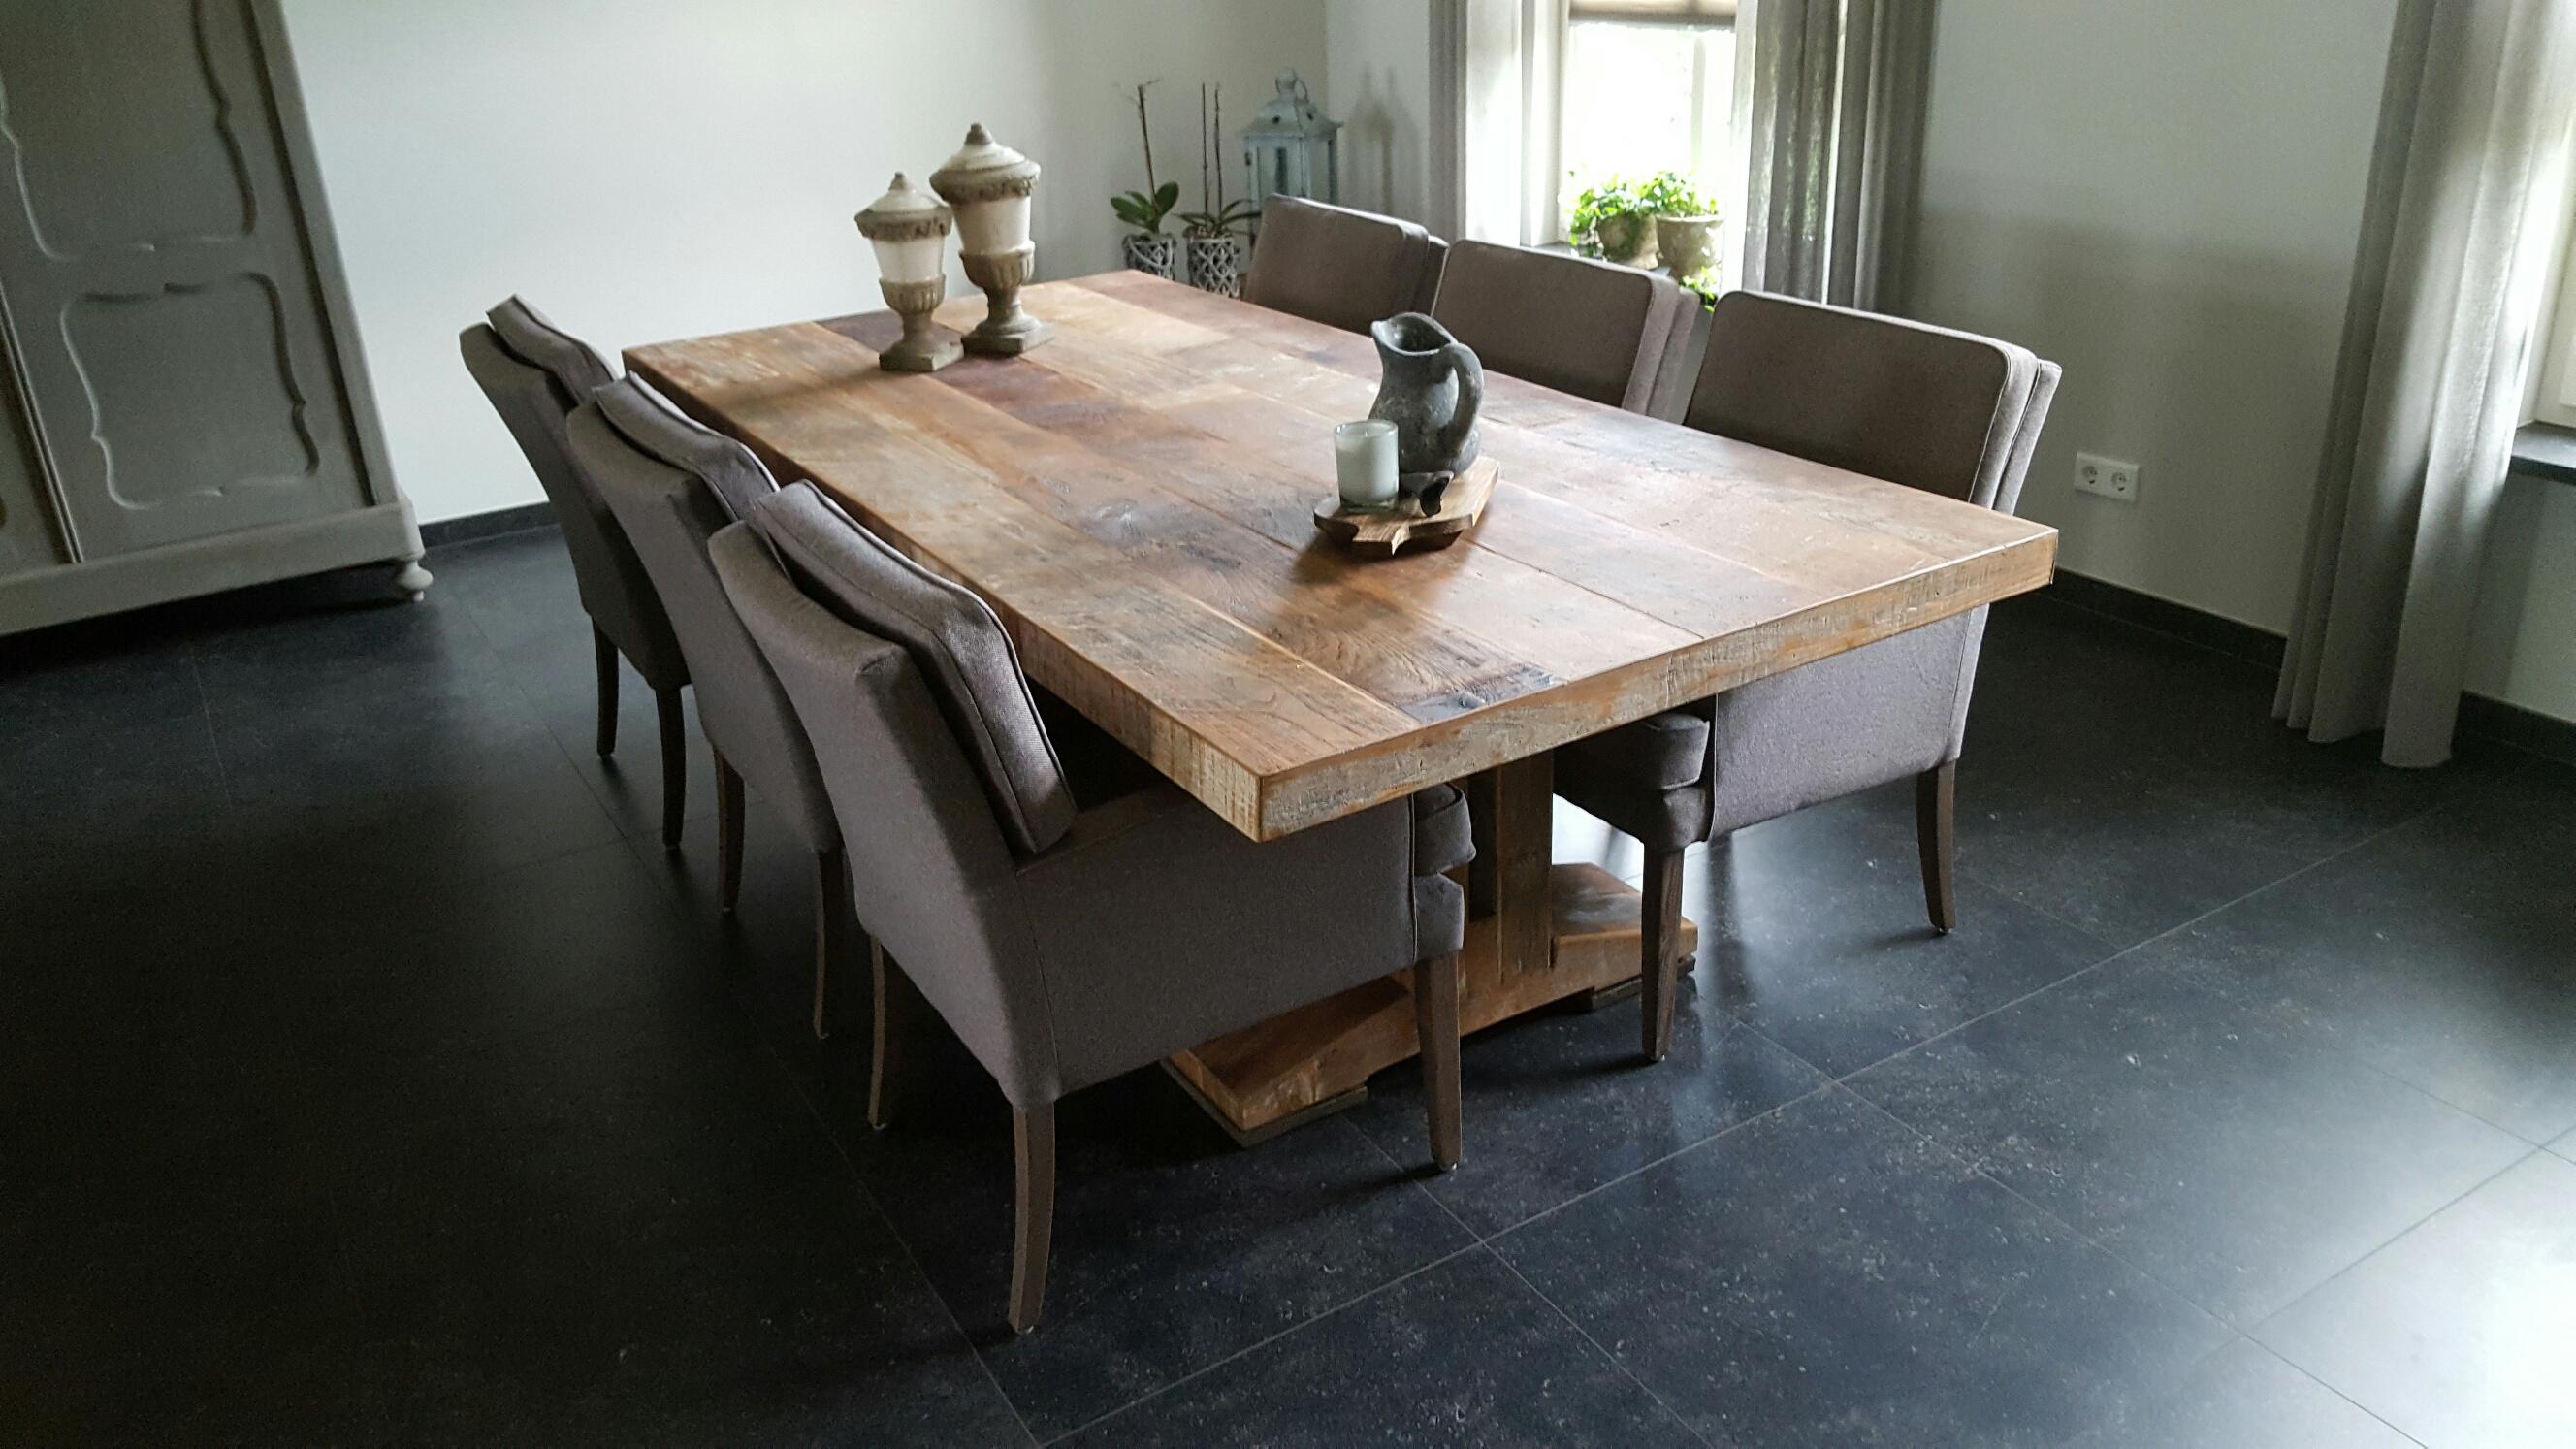 Mooie Teak Eettafel.Een Teak Tafel Voor Iedere Interieurstijl Teak En Wood